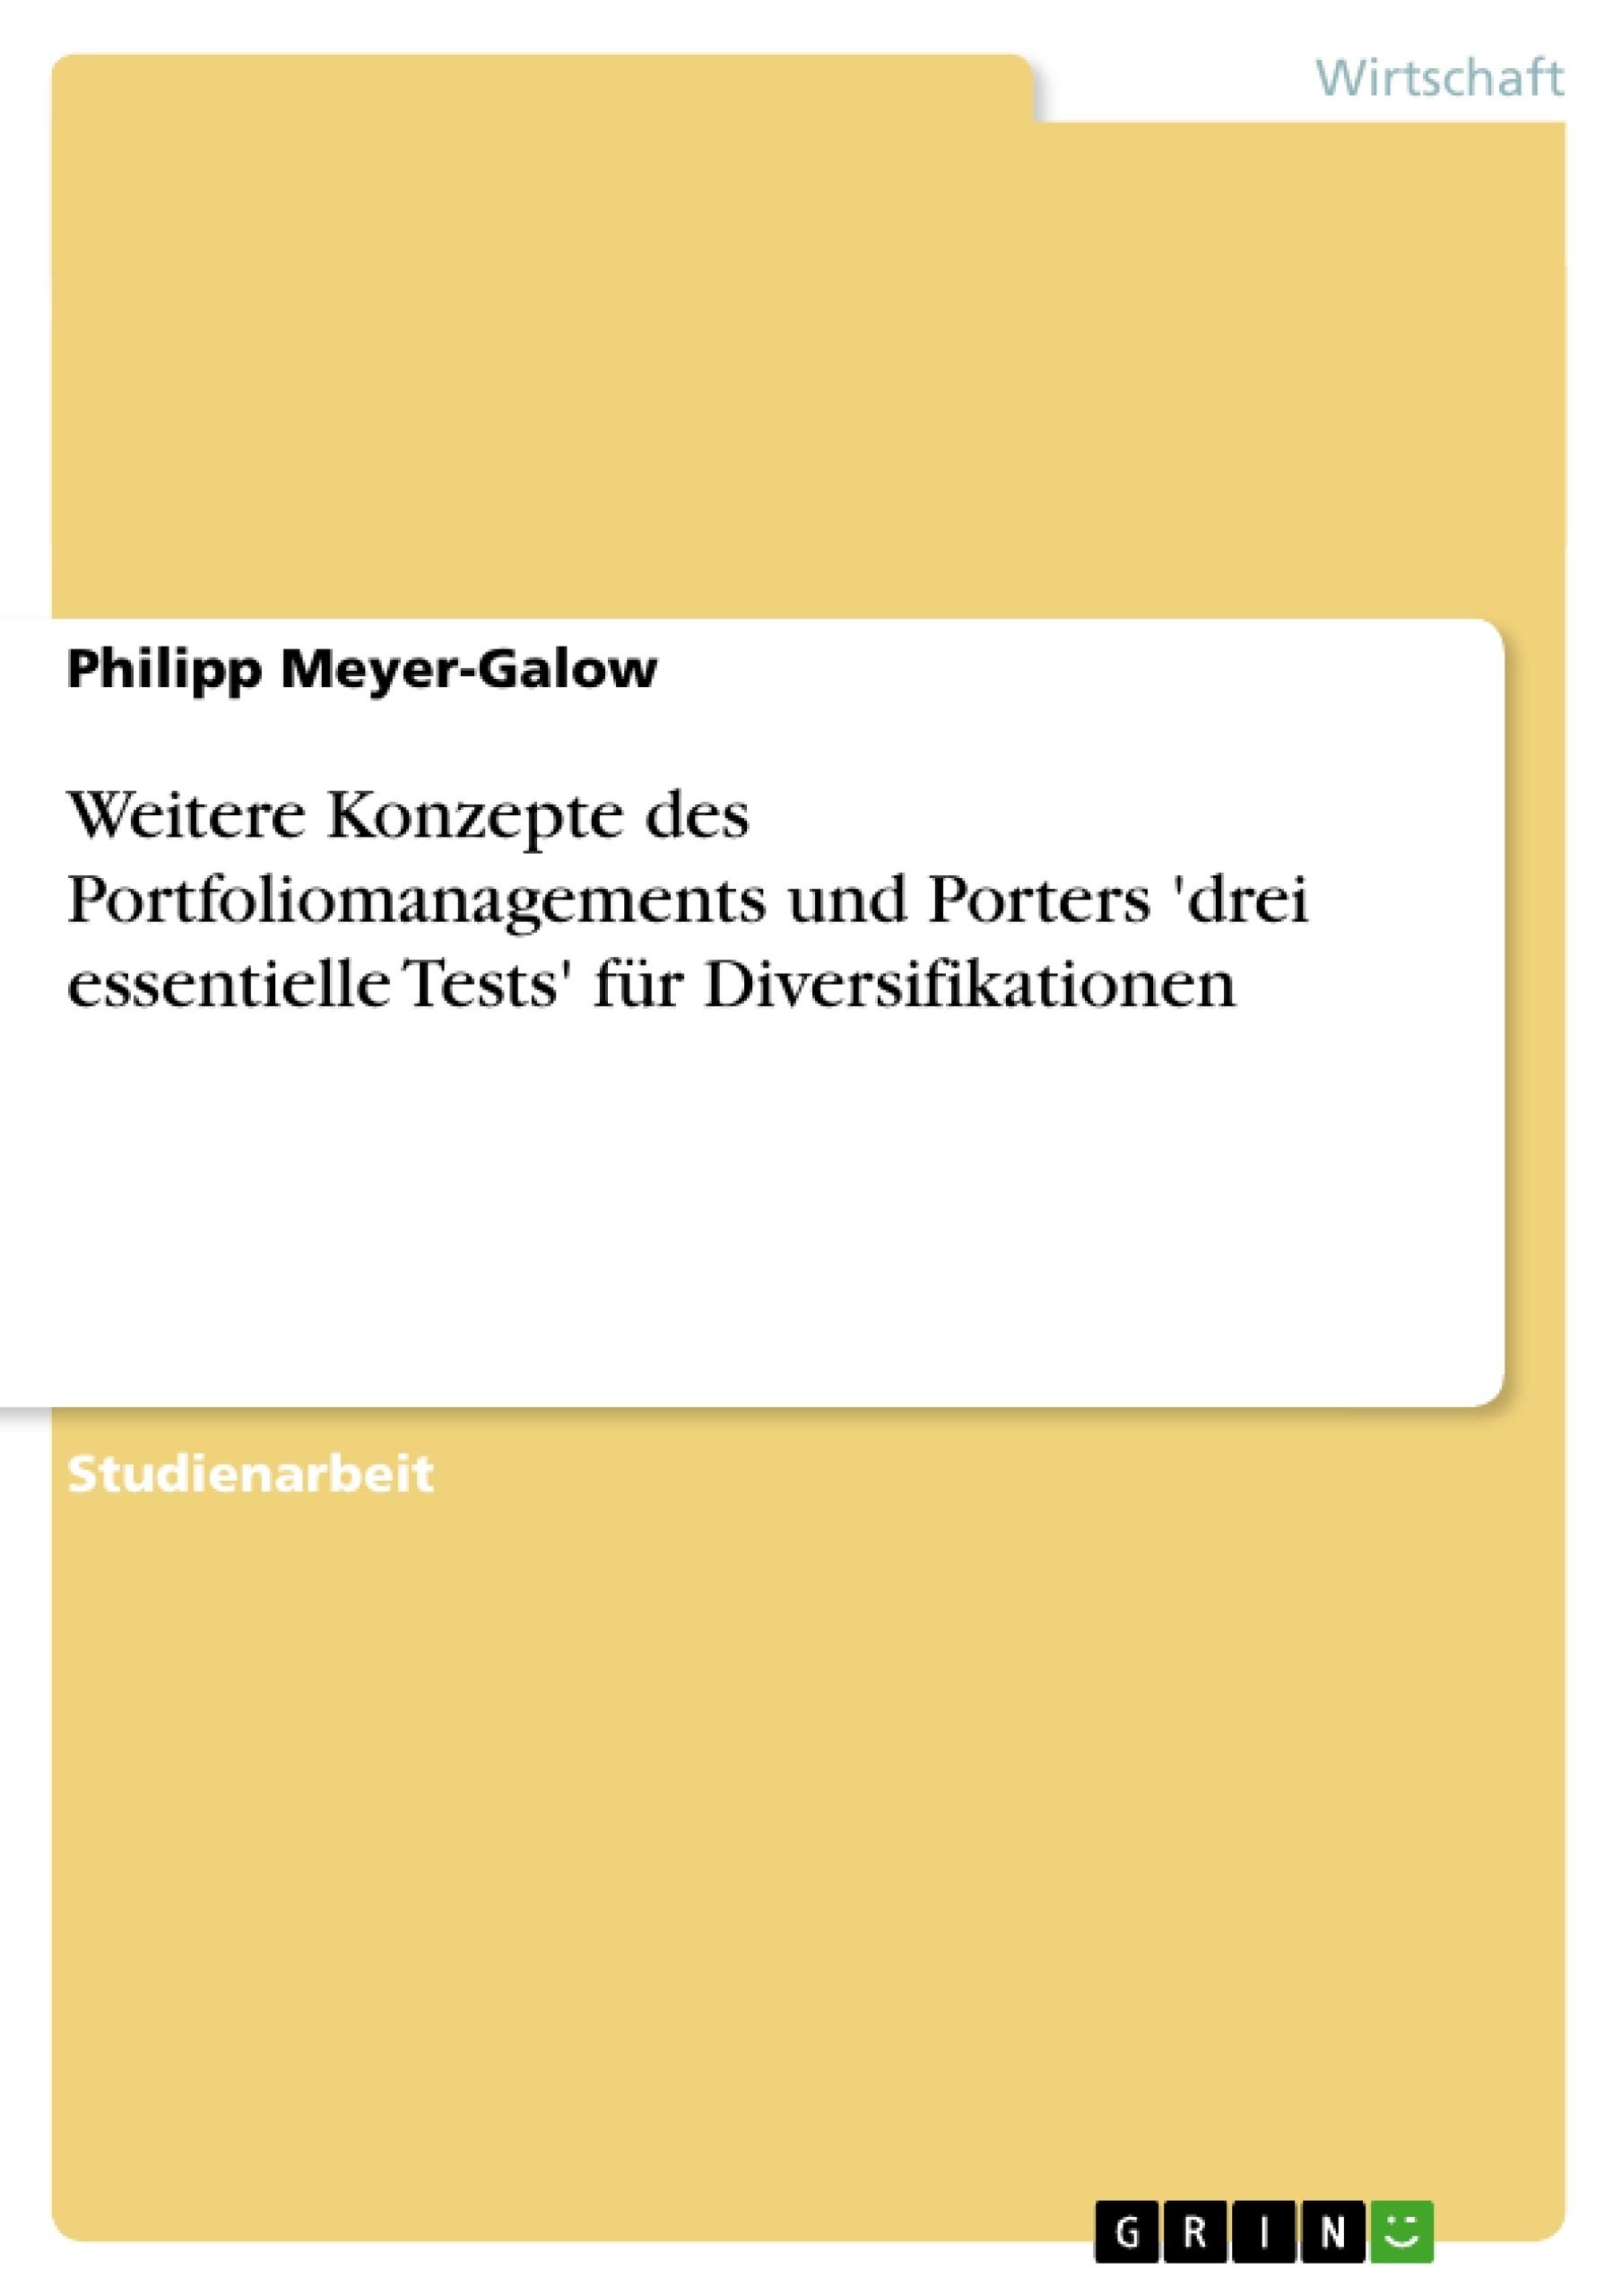 Titel: Weitere Konzepte des Portfoliomanagements und Porters 'drei essentielle Tests' für Diversifikationen